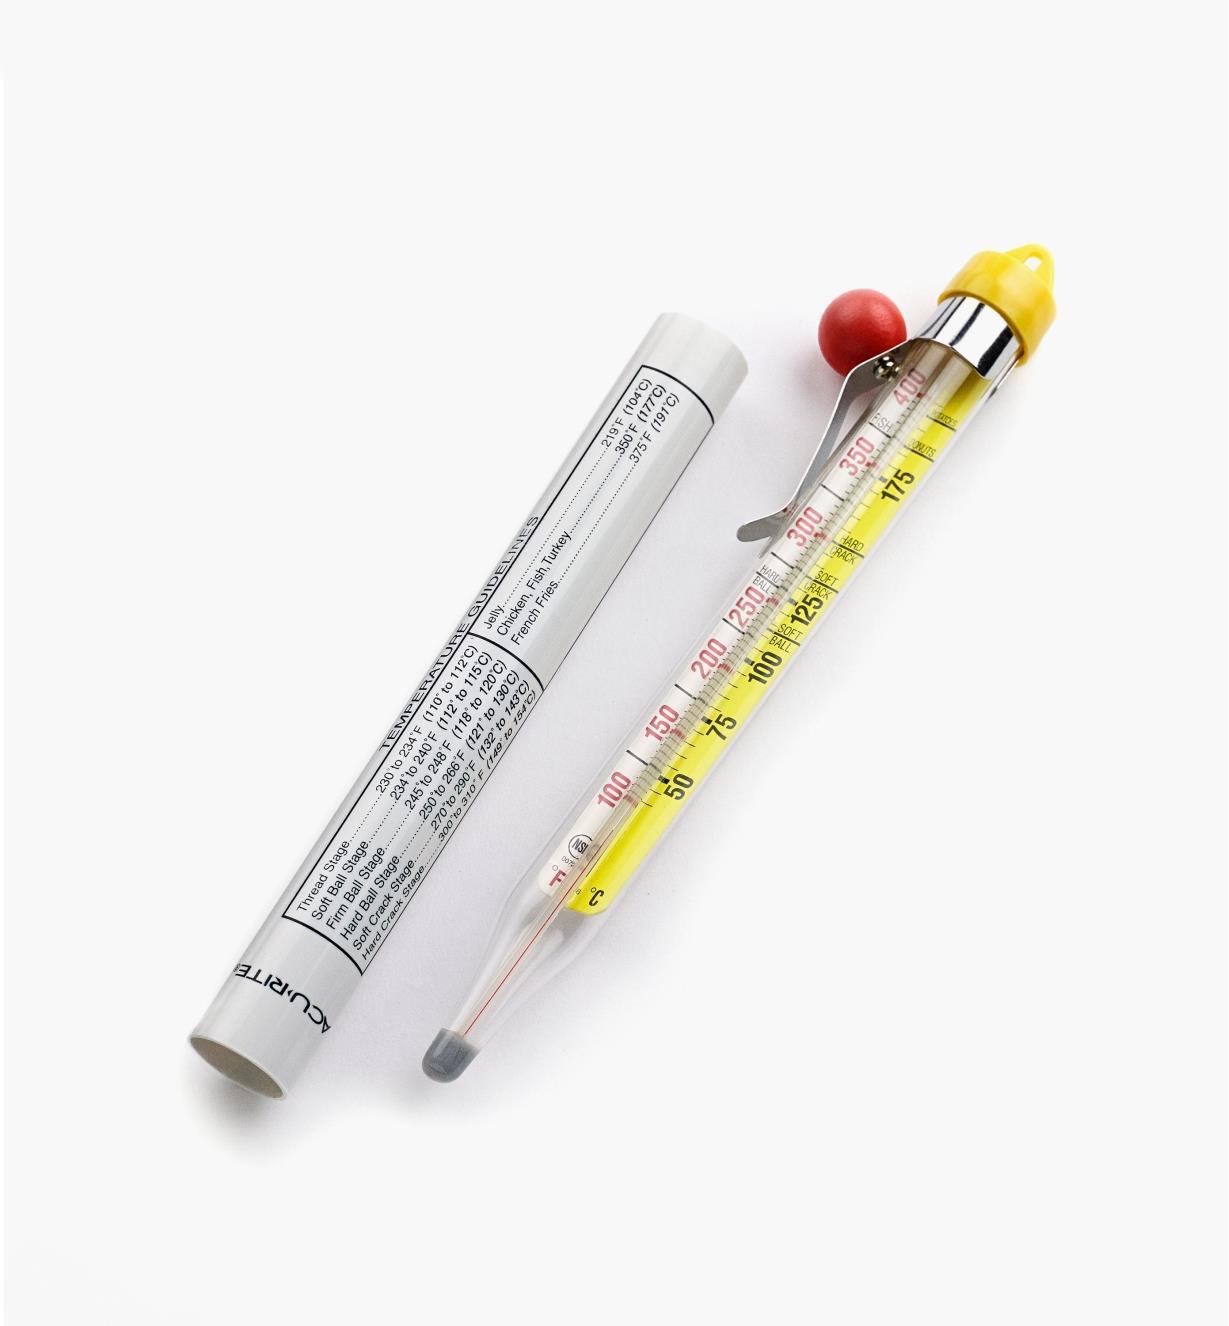 FT104 - Thermomètre pour friture et confiserie